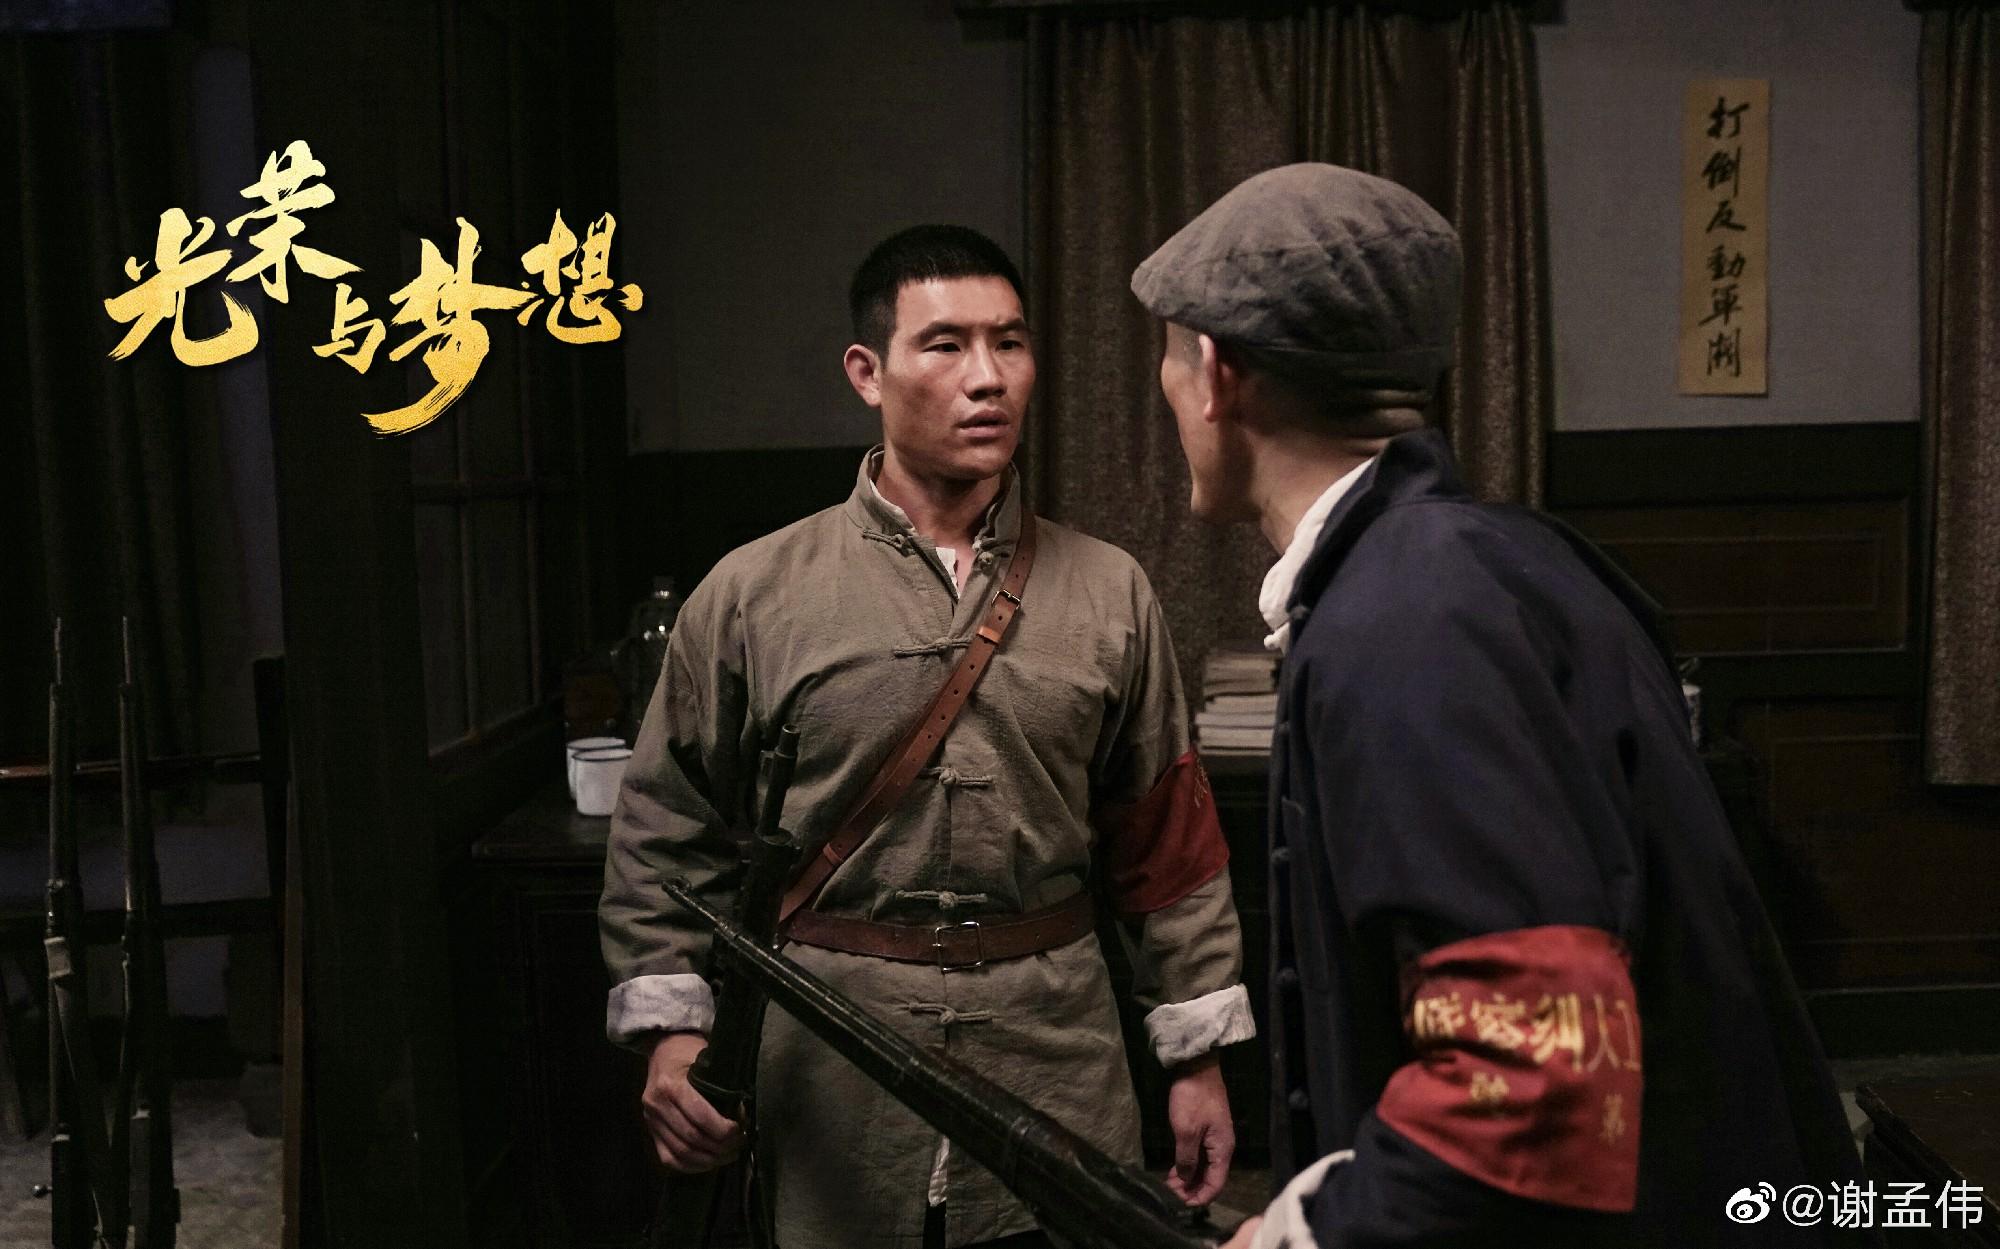 从《小兵张嘎》到《光荣与梦想》 谢孟伟都经历了什么?